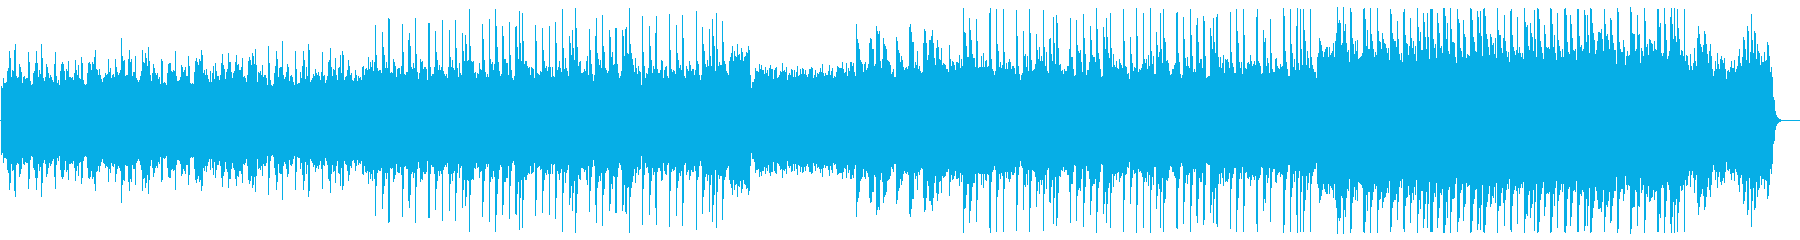 さくらさくら 幻想的な重厚感あるサウンドの再生済みの波形